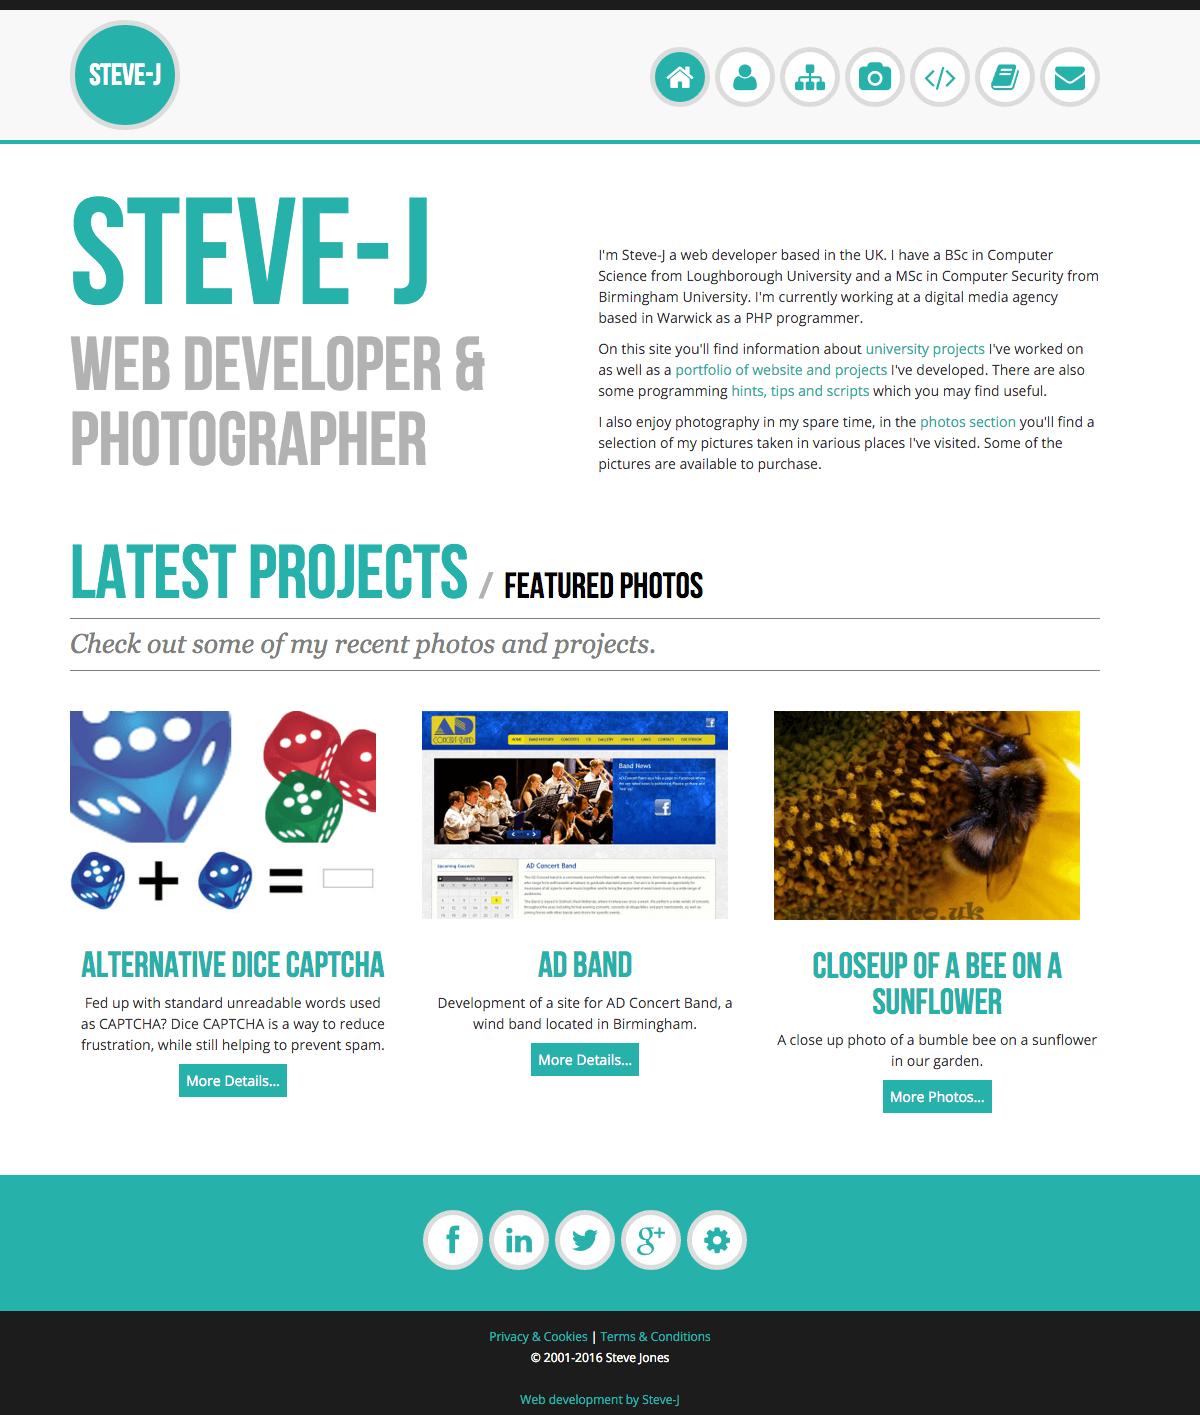 STEVE-J - HOME PAGE